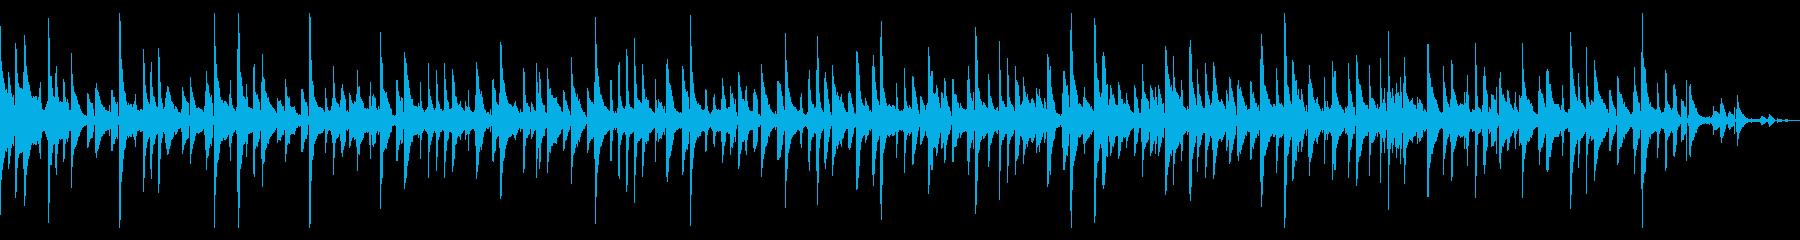 【生演奏】月、まったり、ワルツの再生済みの波形